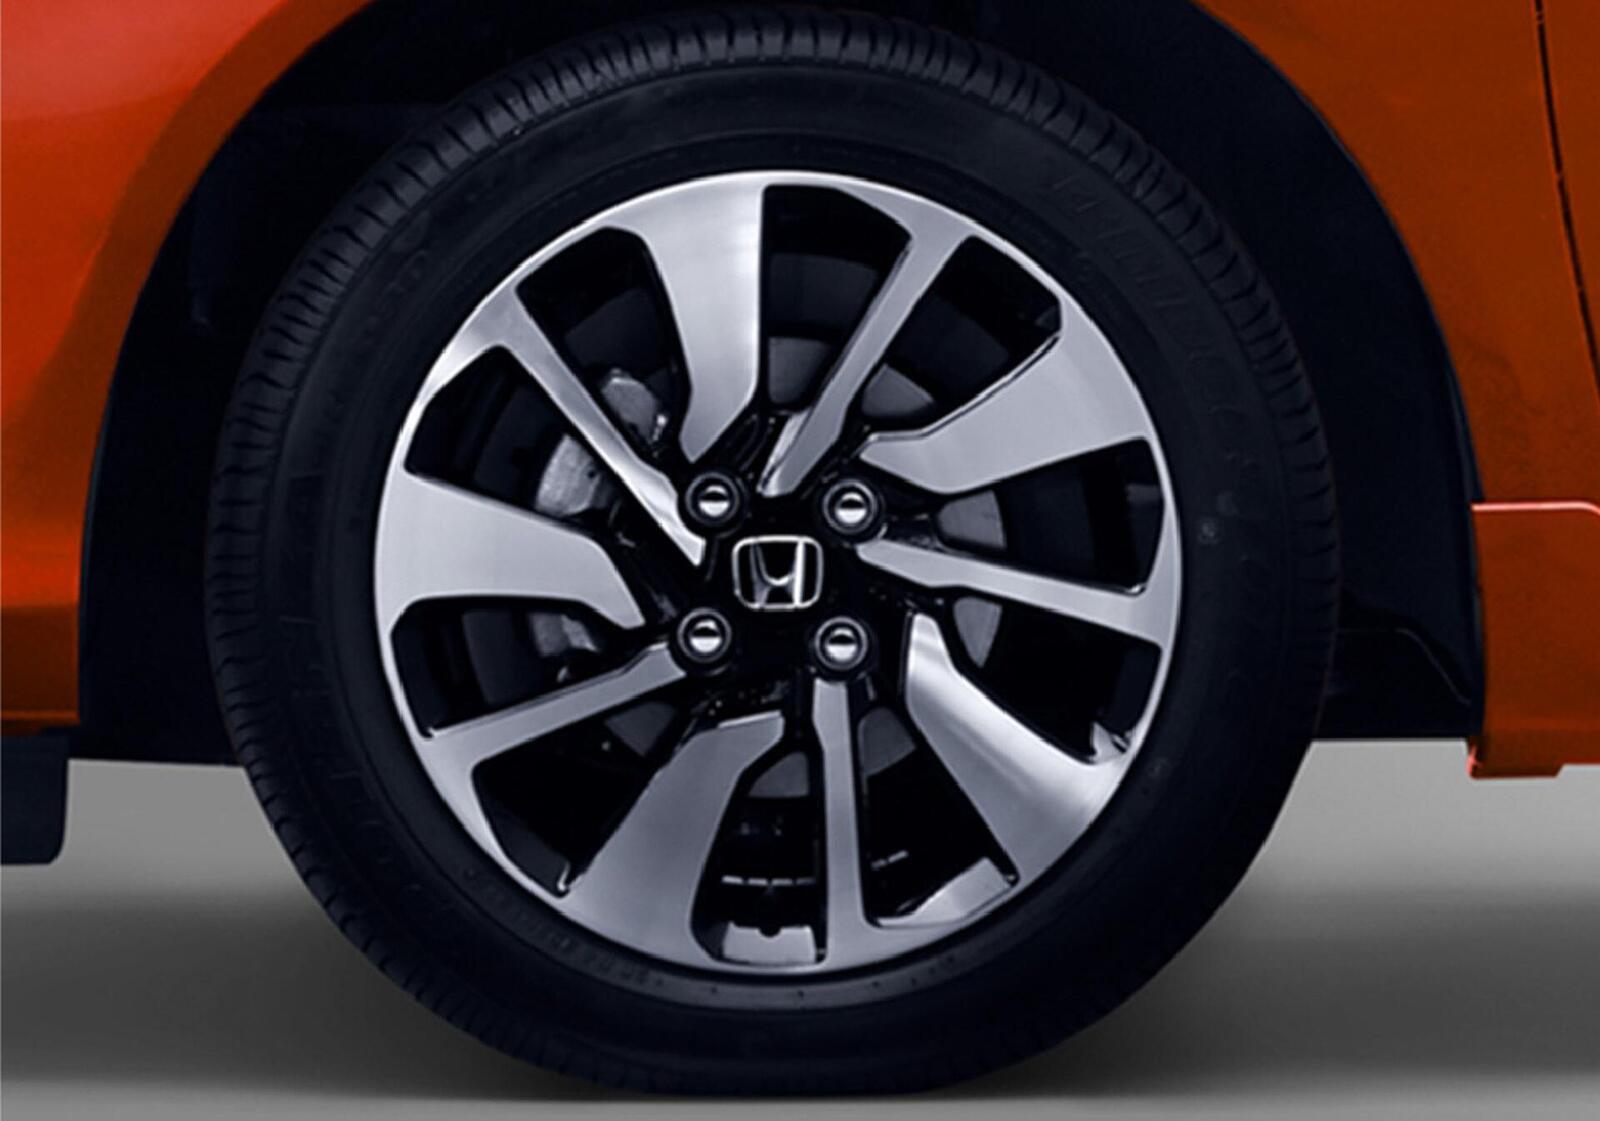 Dự đoán 3 phiên bản Honda Brio sắp ra mắt vào ngày 18.06 sắp tới - Hình 7